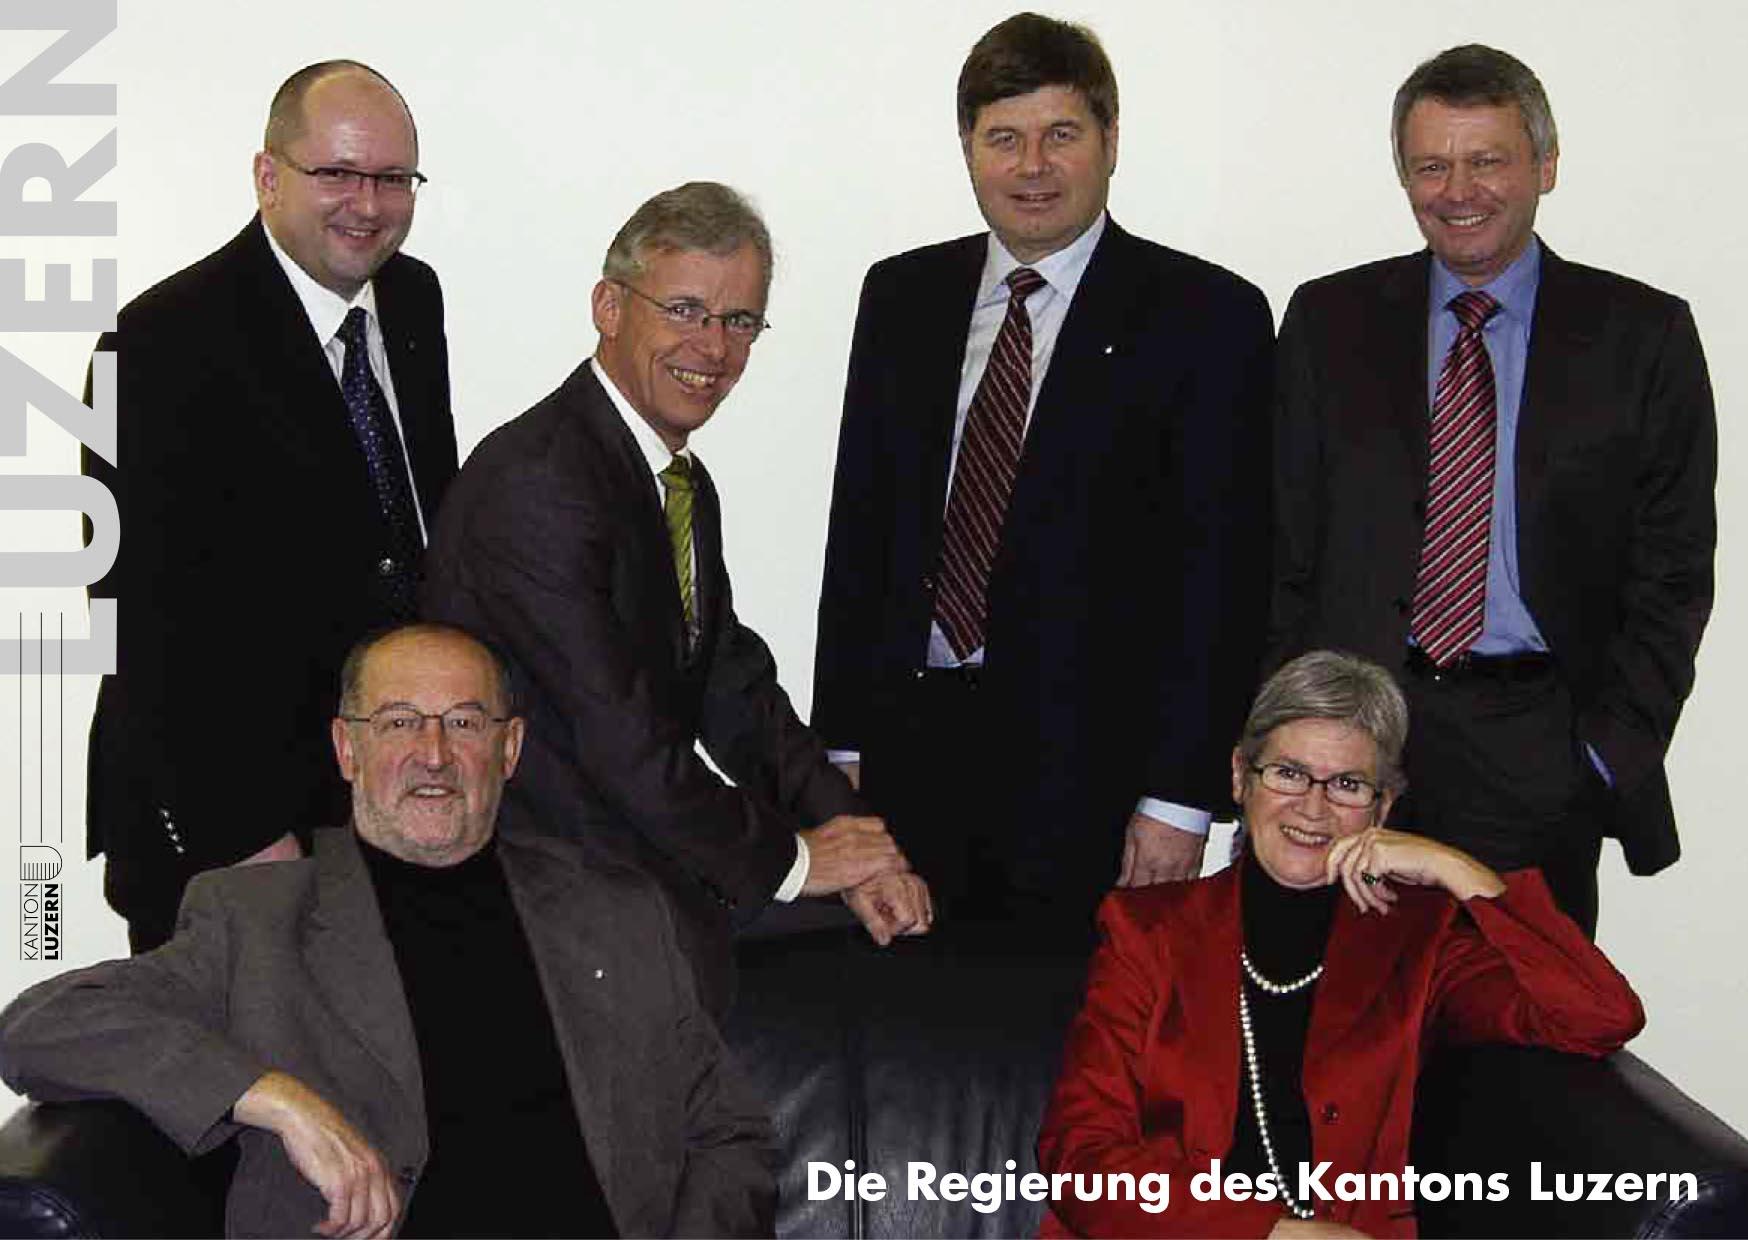 Das Foto 2006: (v.l.) Daniel Bühlmann (SVP), Anton Schwingruber (CVP), Max Pfister (FDP), Markus Dürr (CVP), Yvonne Schärli-Gerig (SP) und rechts Staatsschreiber Viktor Baumeler.